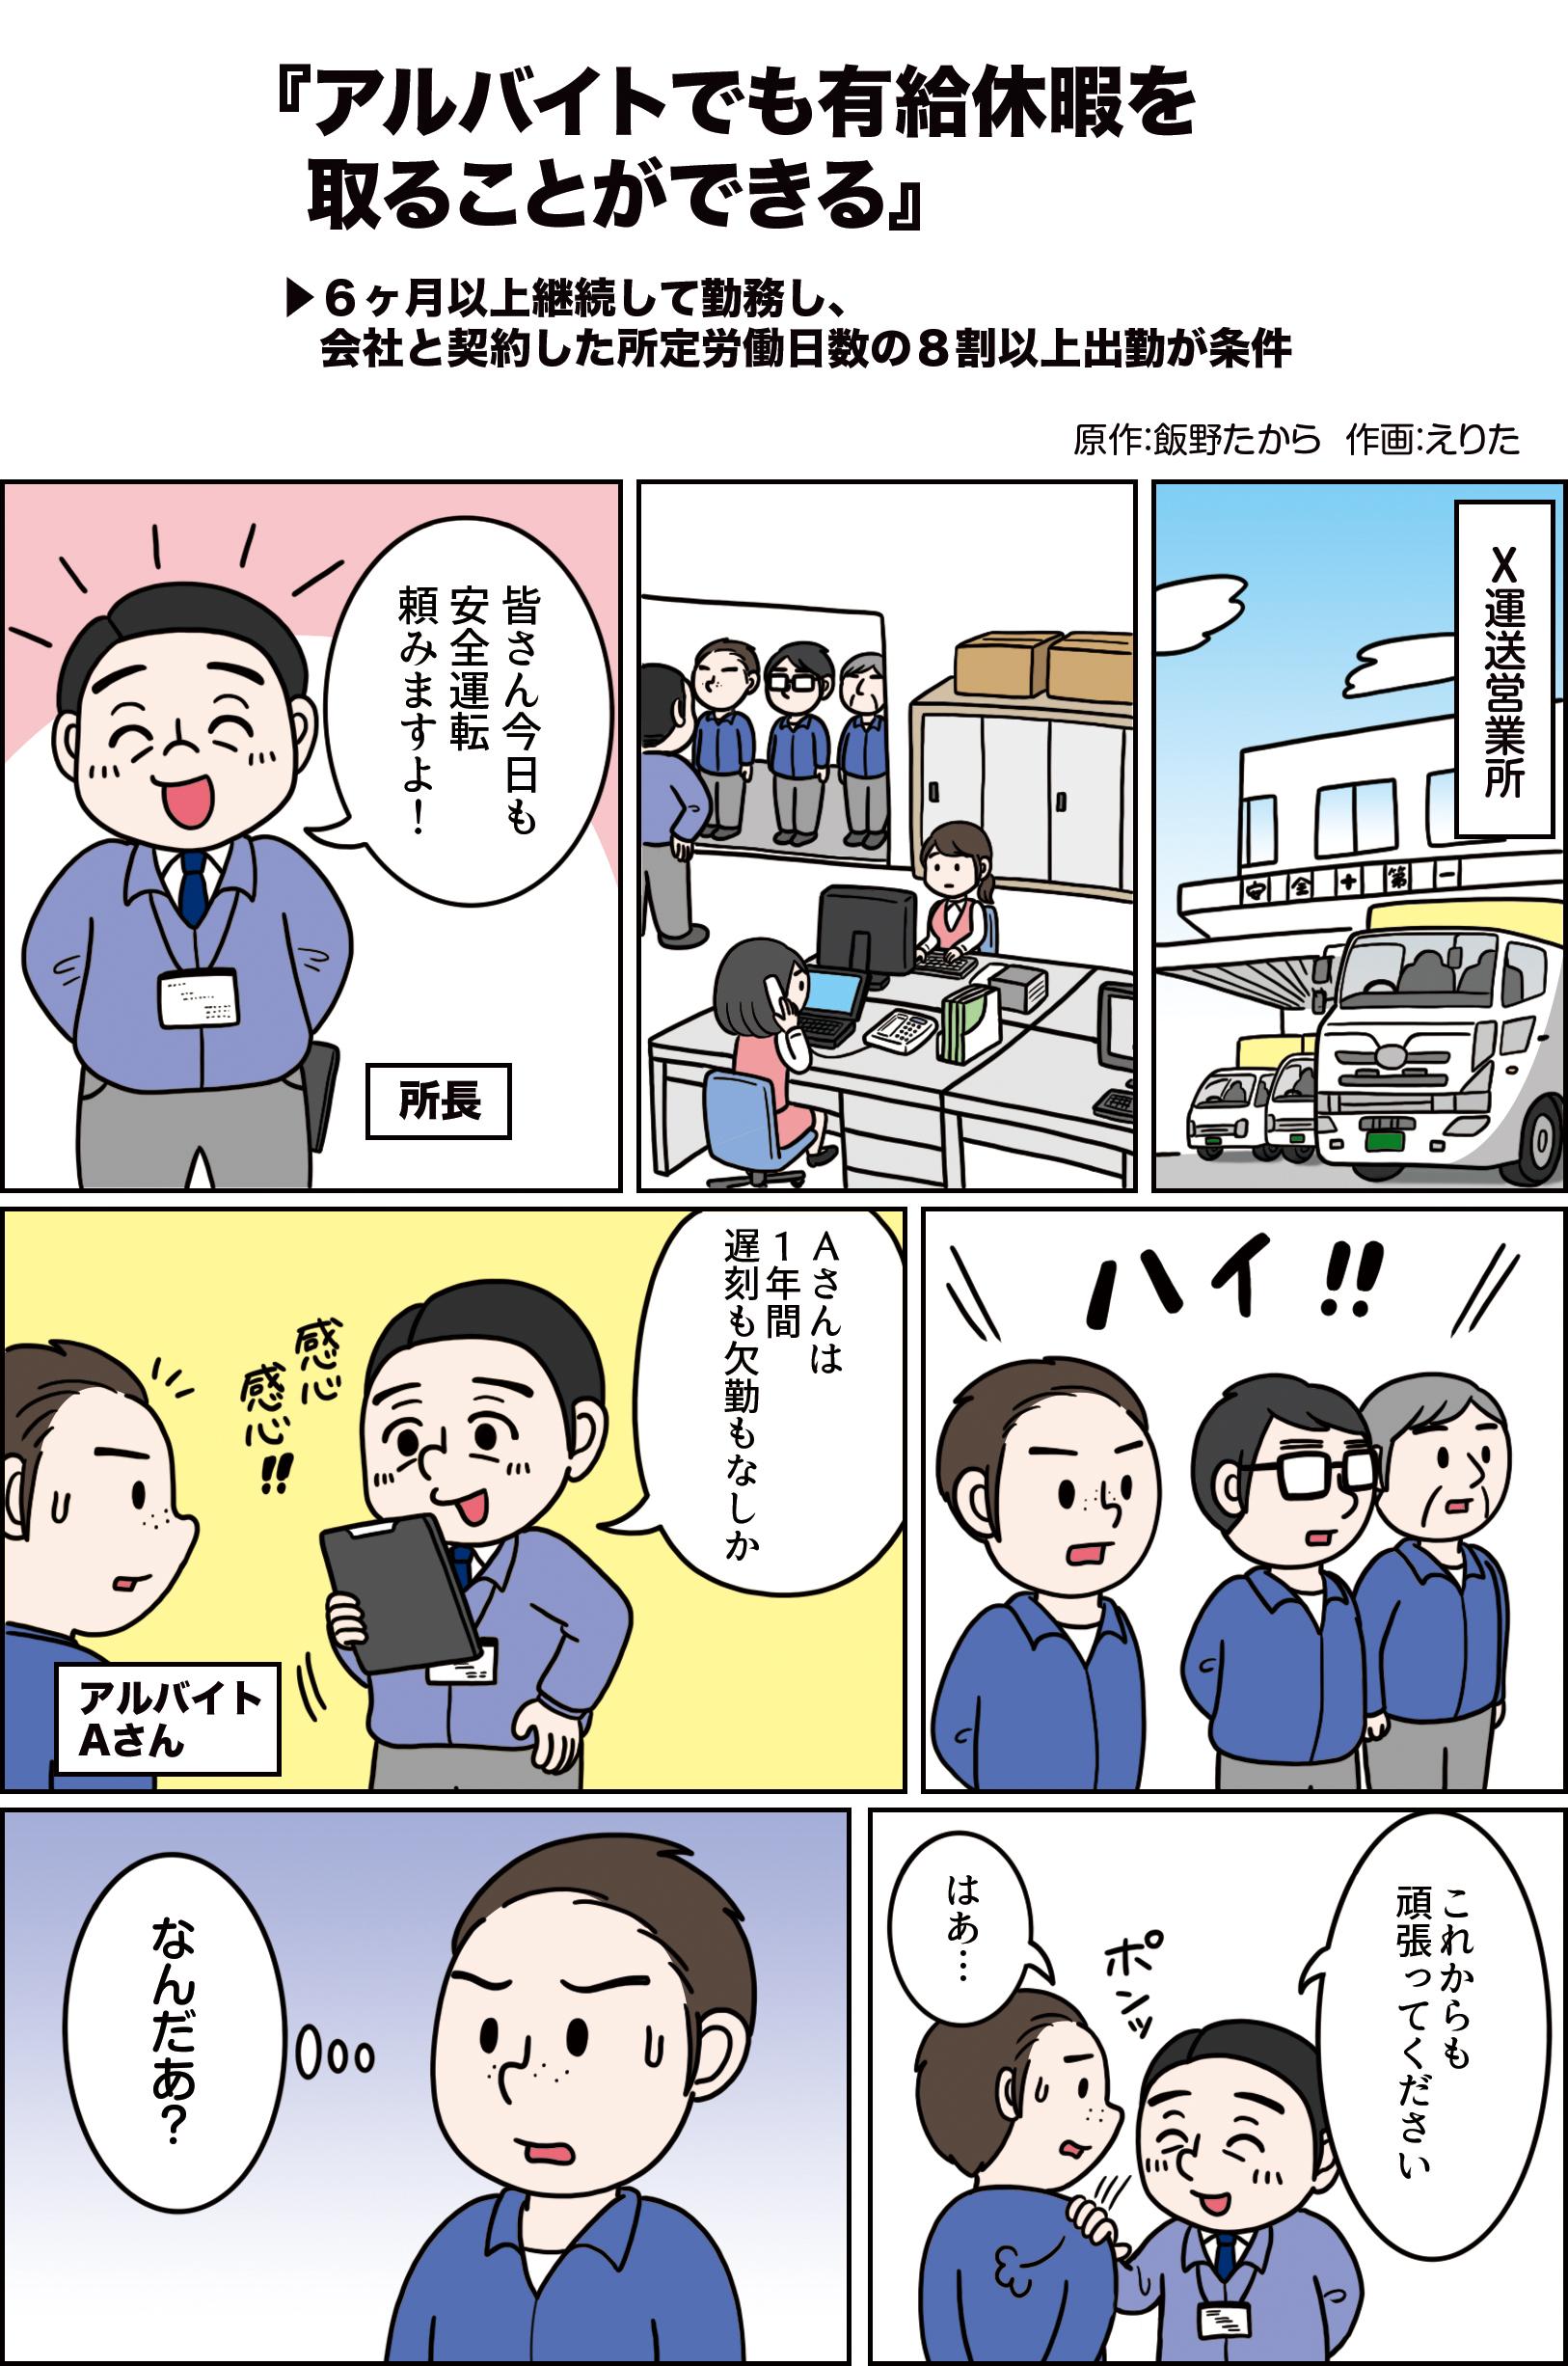 書籍「『非正規』六法」の漫画制作